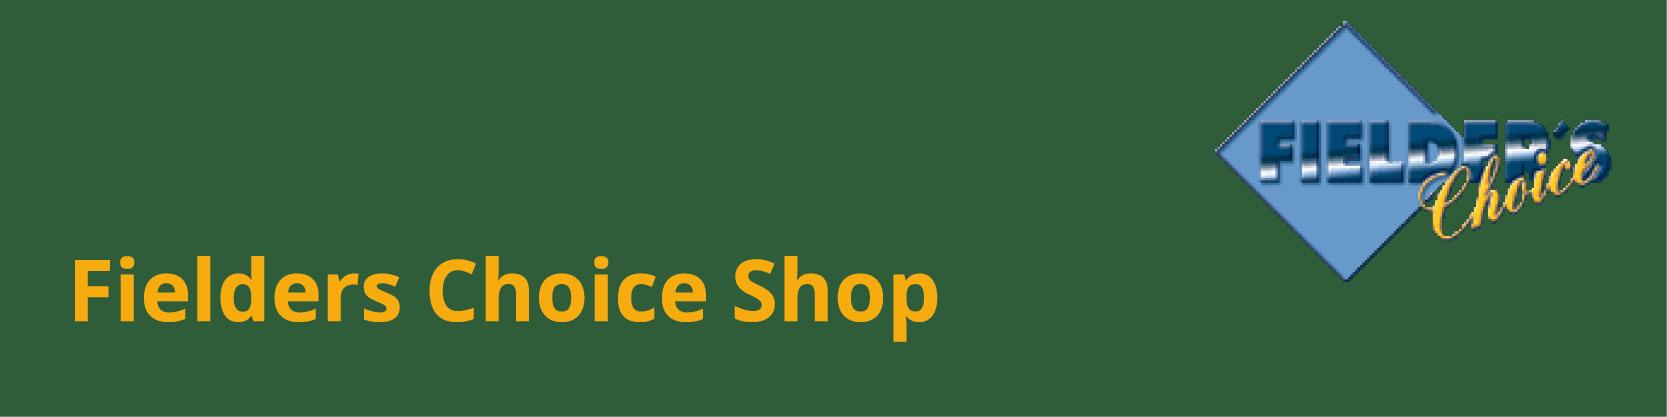 Fielders Choice Shop